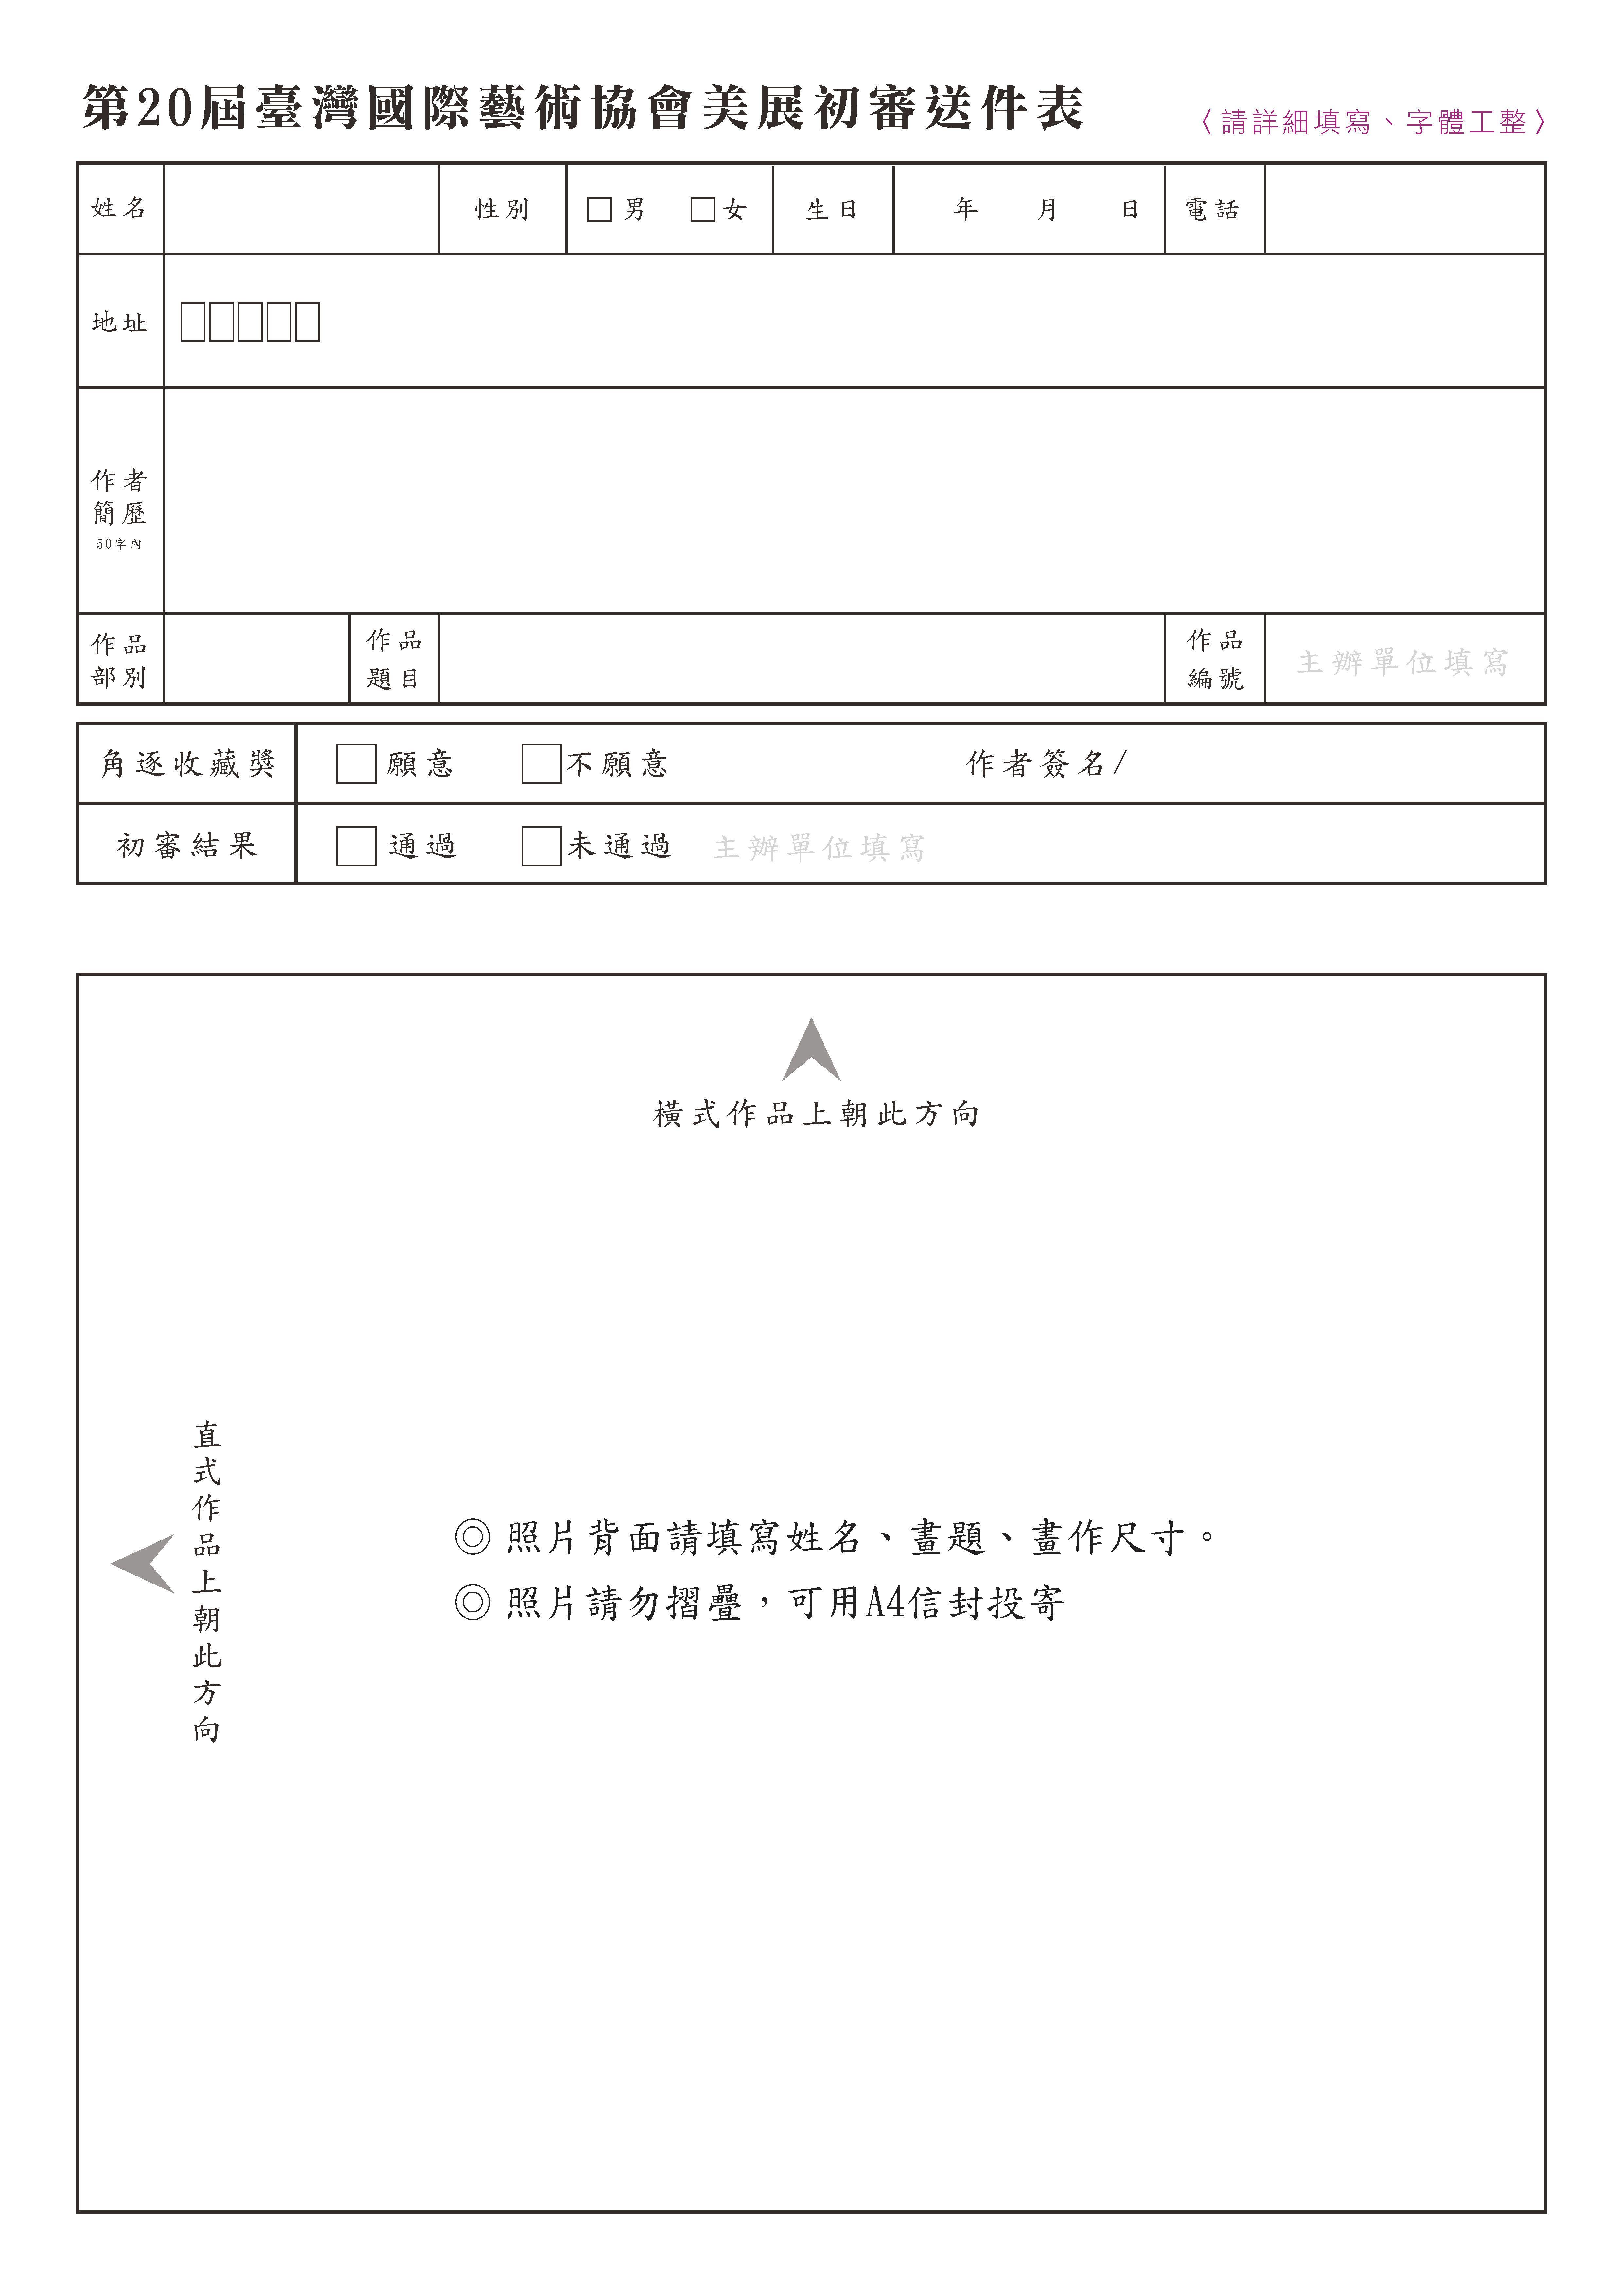 第20屆臺灣國際藝術協會美展簡章-2